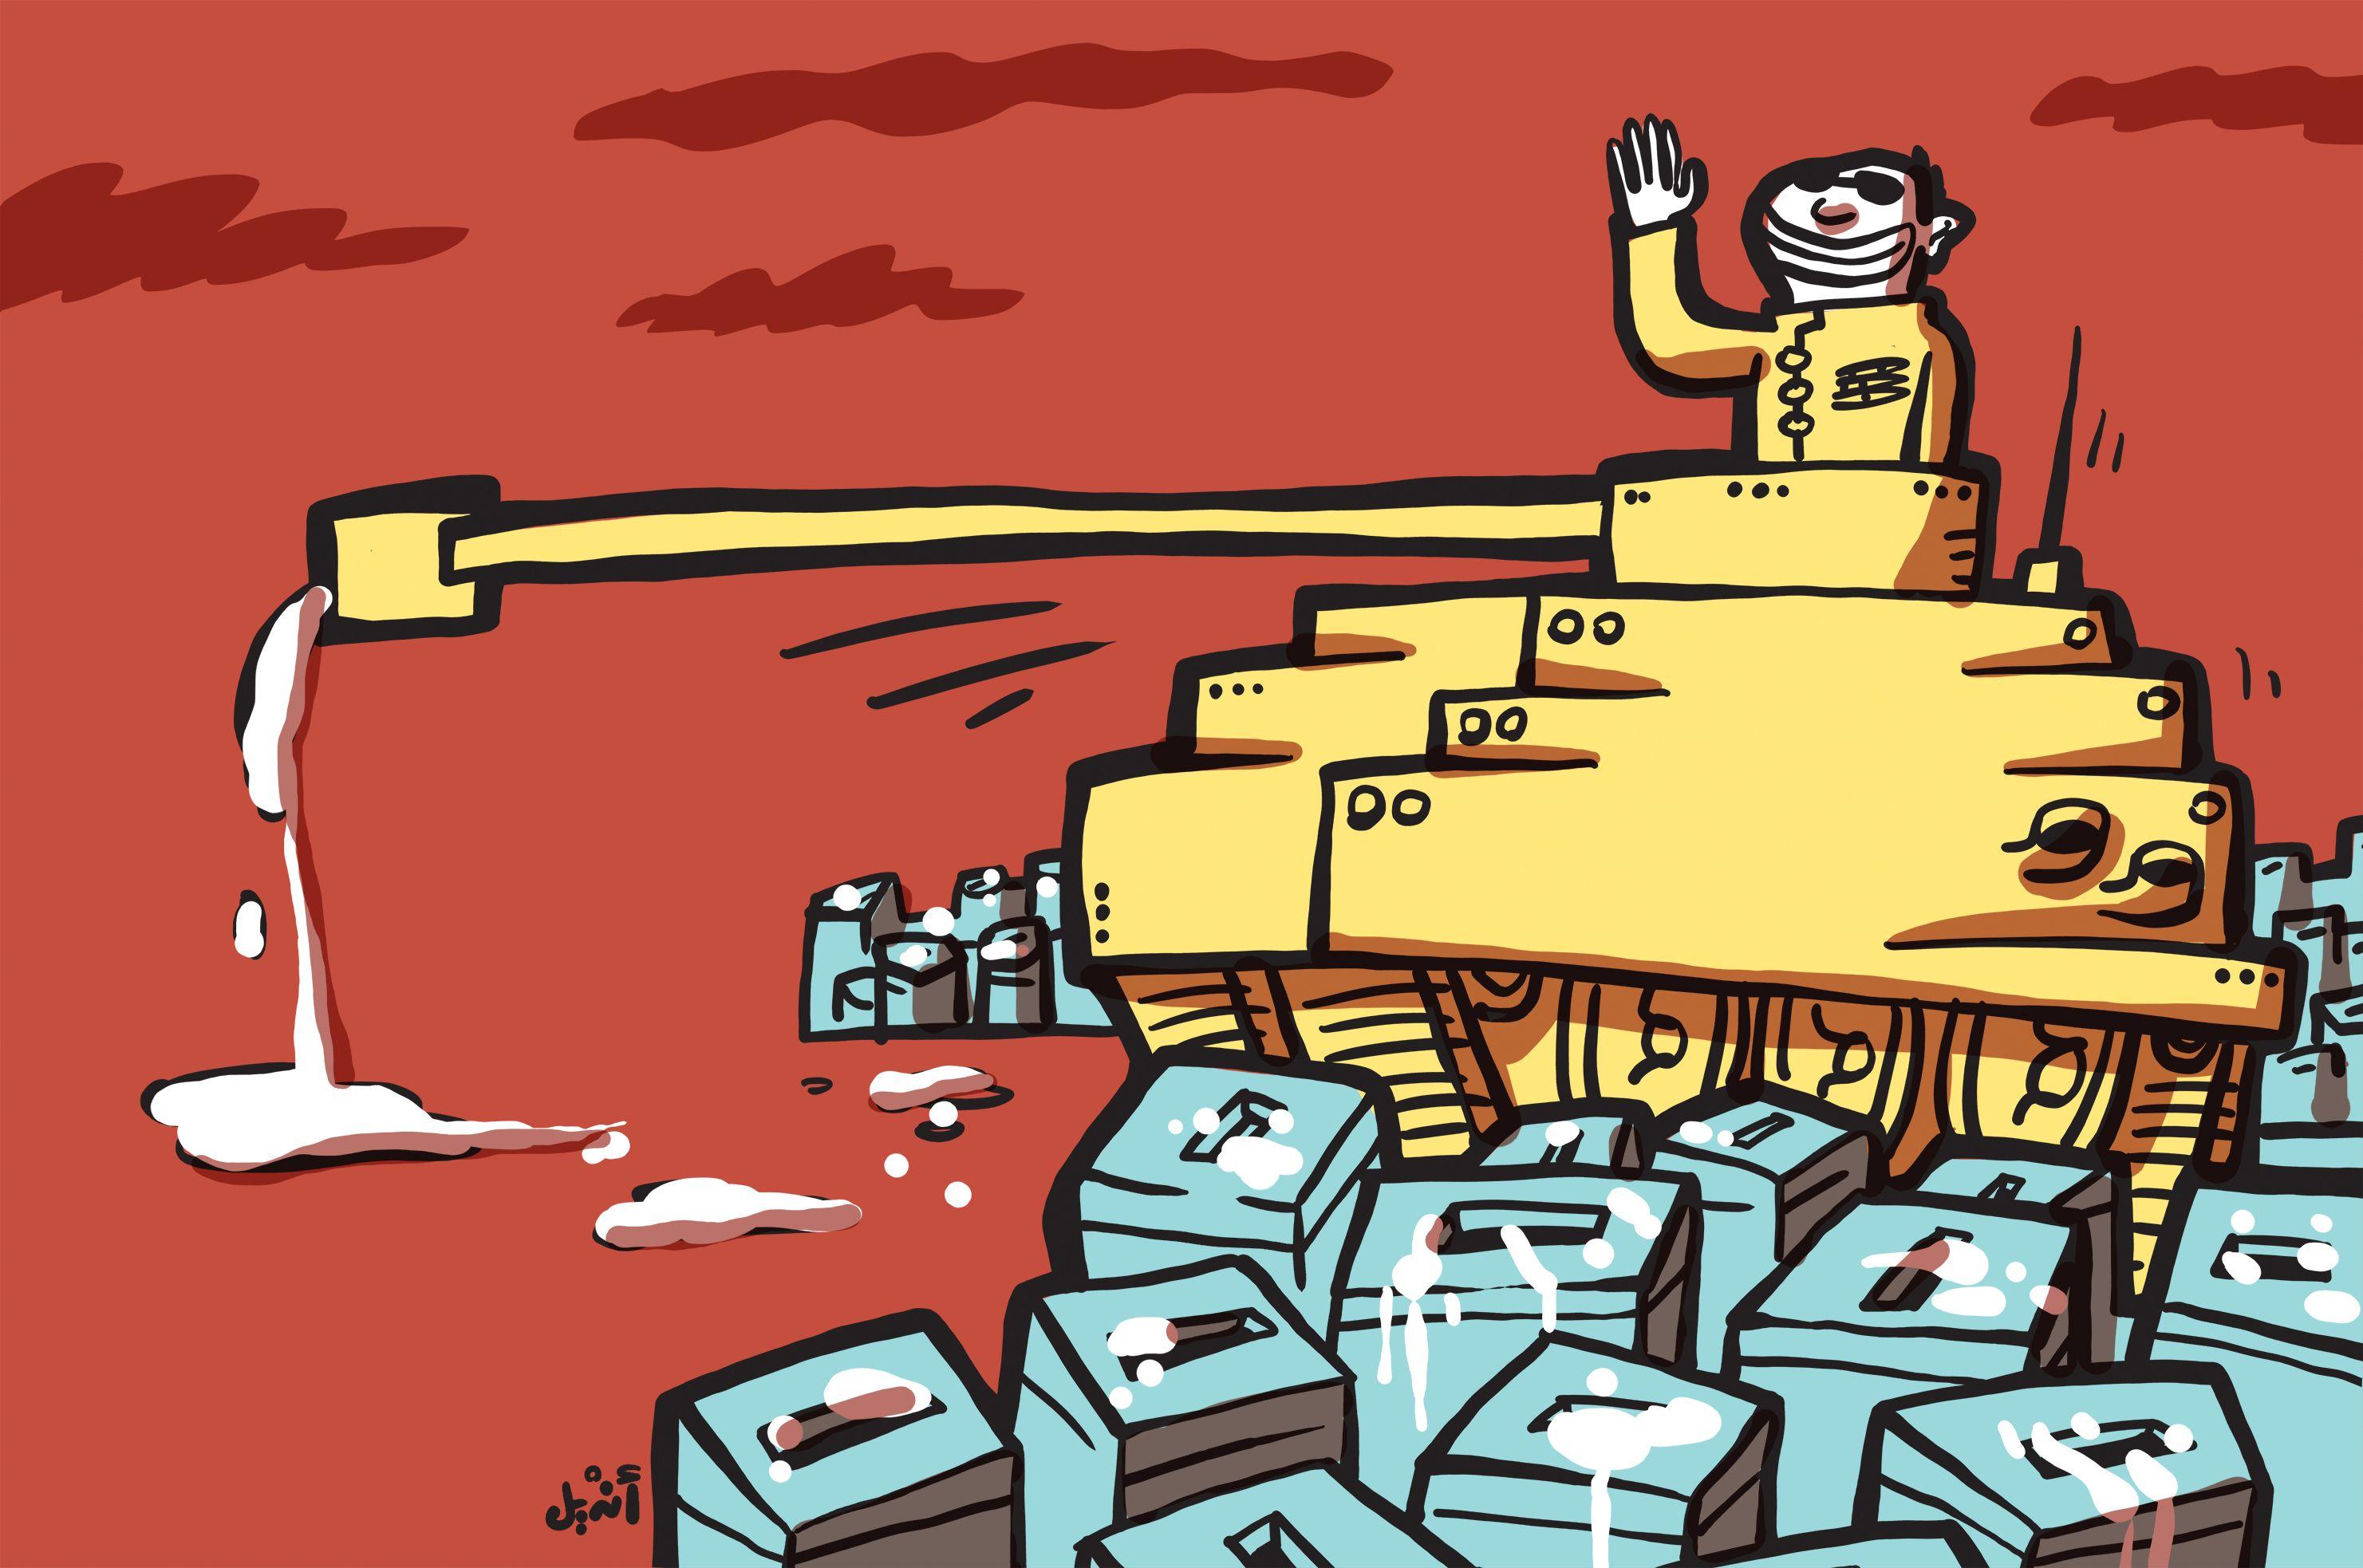 Andeel tank cartoon